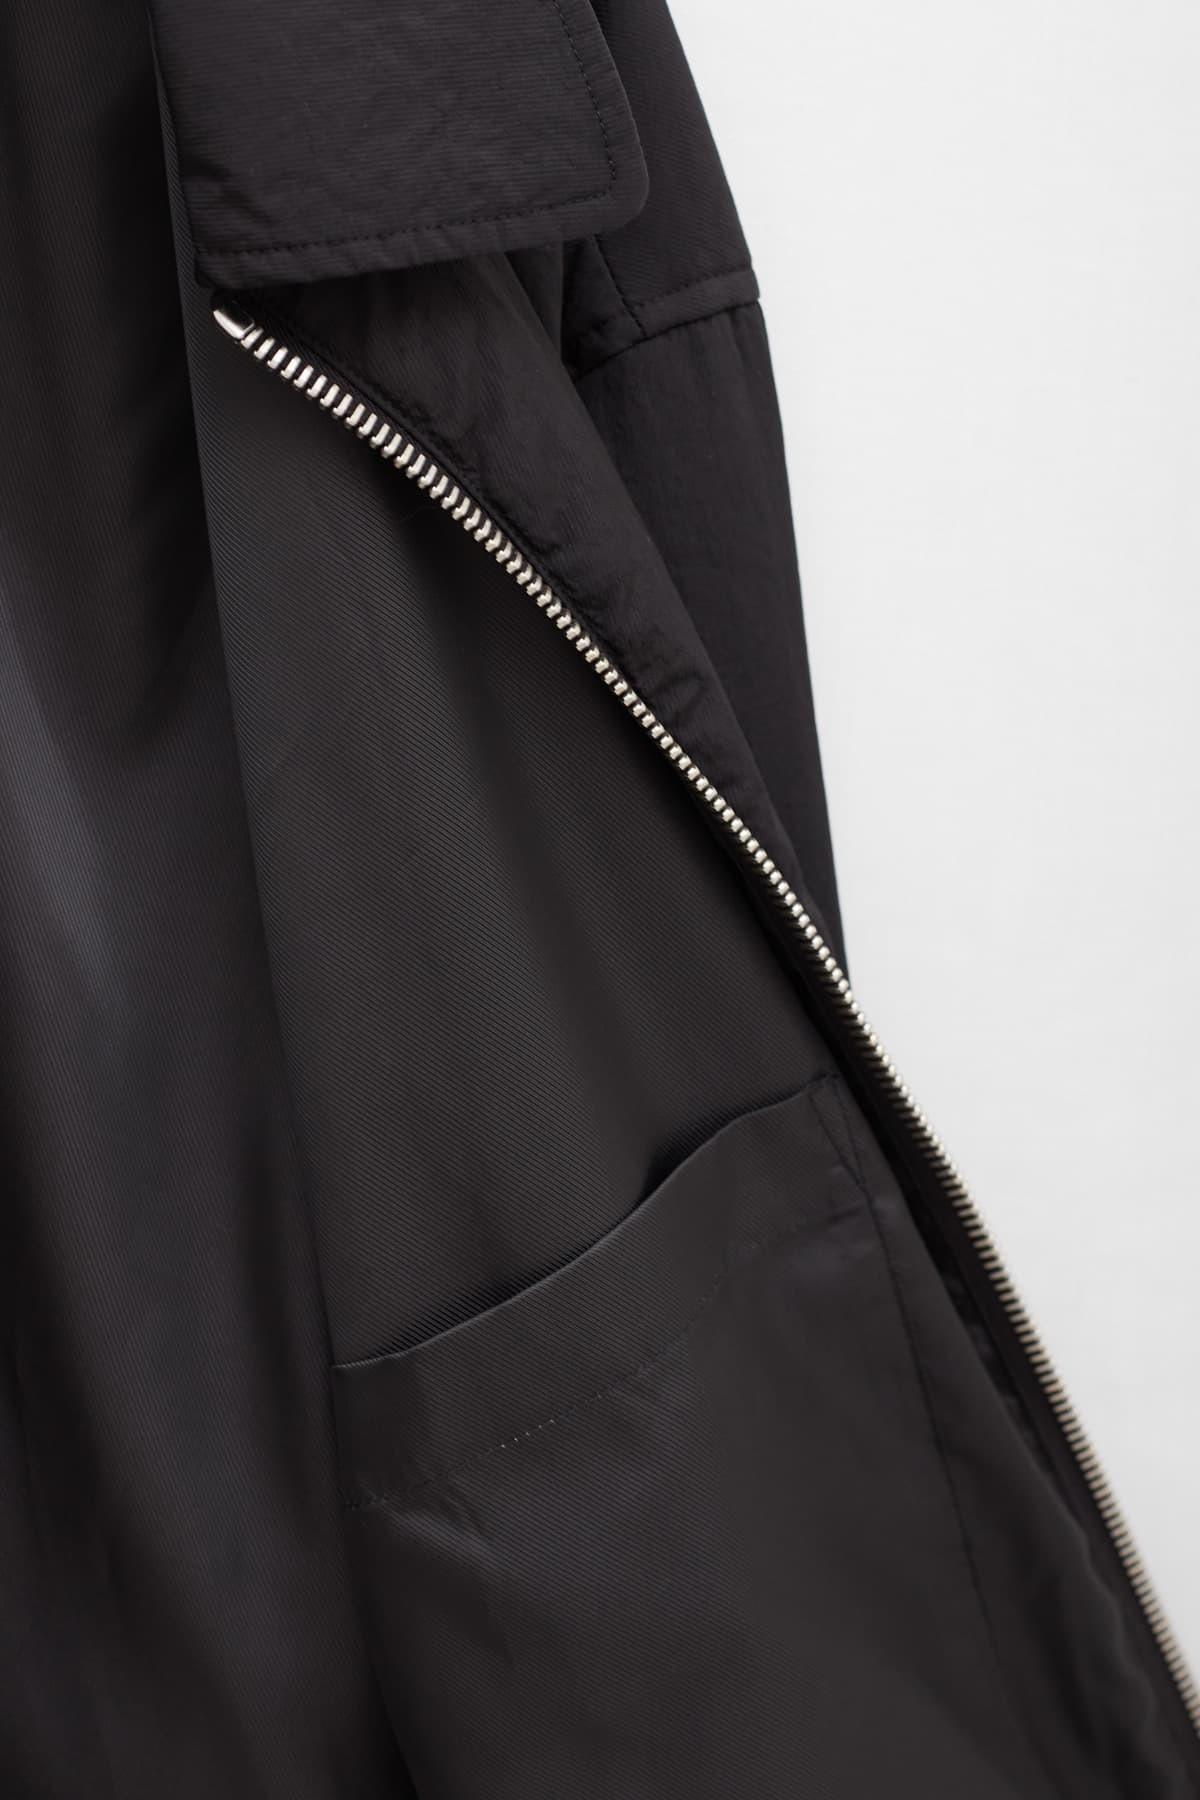 Loreak Mendian Green Begi Sweater